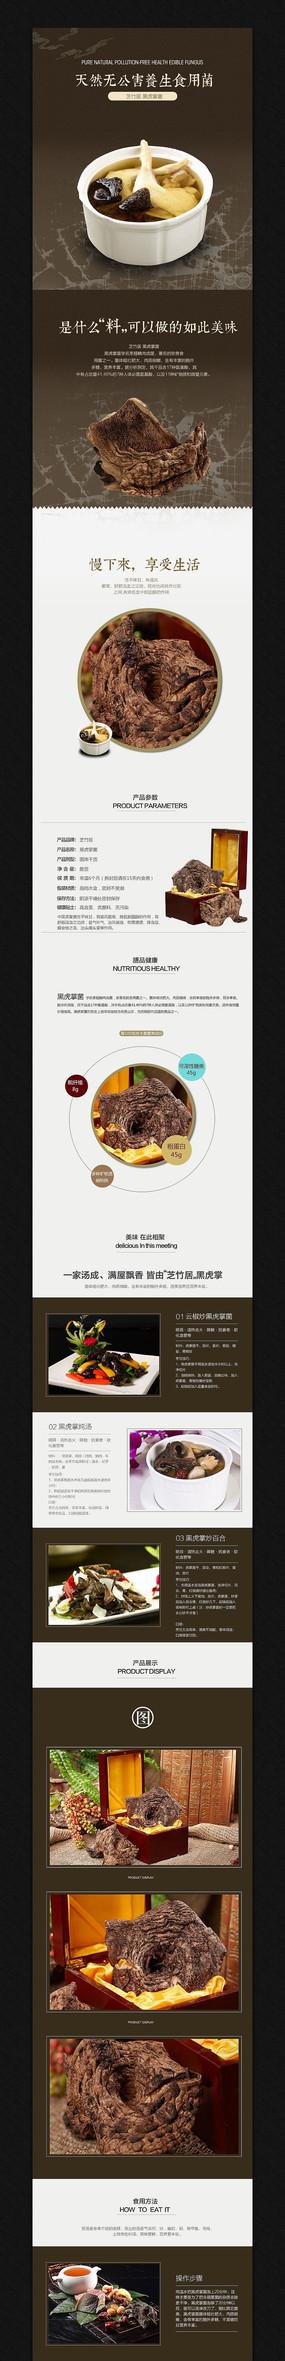 淘宝食品详情页细节描述图